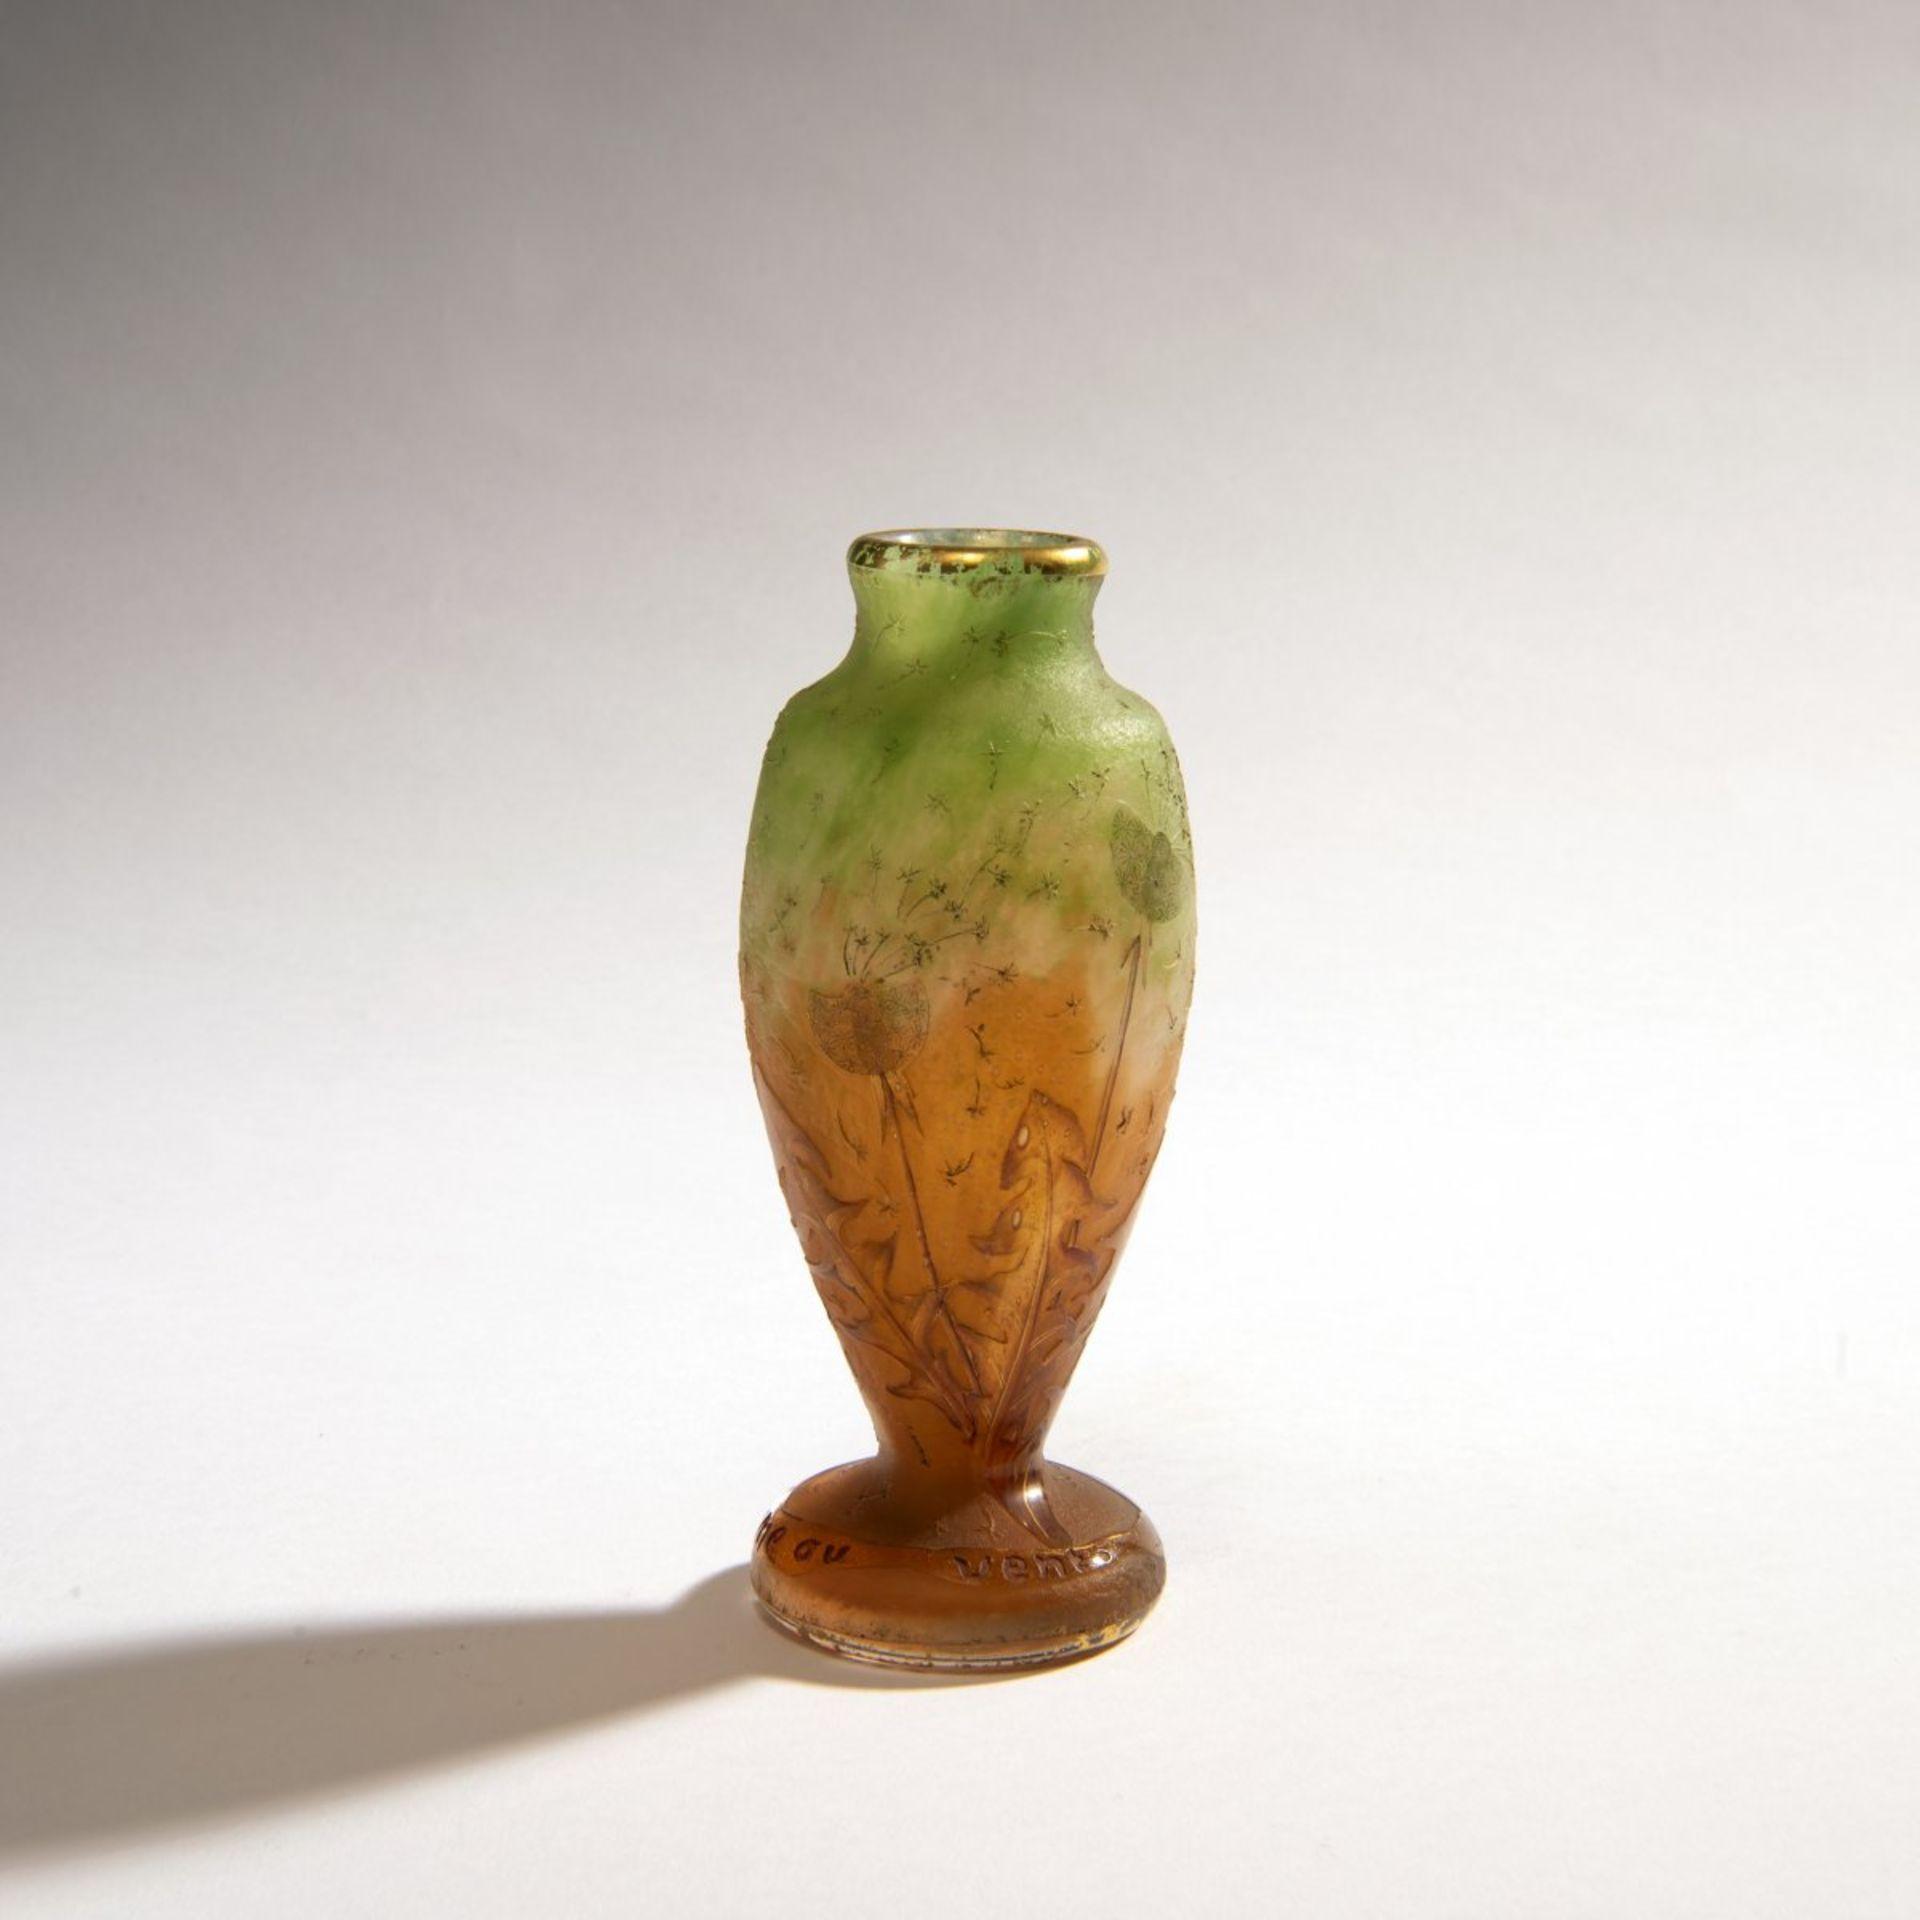 Los 123 - Daum Frères, Nancy , Vase 'Comme la plume au vent', um 1900Vase 'Comme la plume au vent', um...